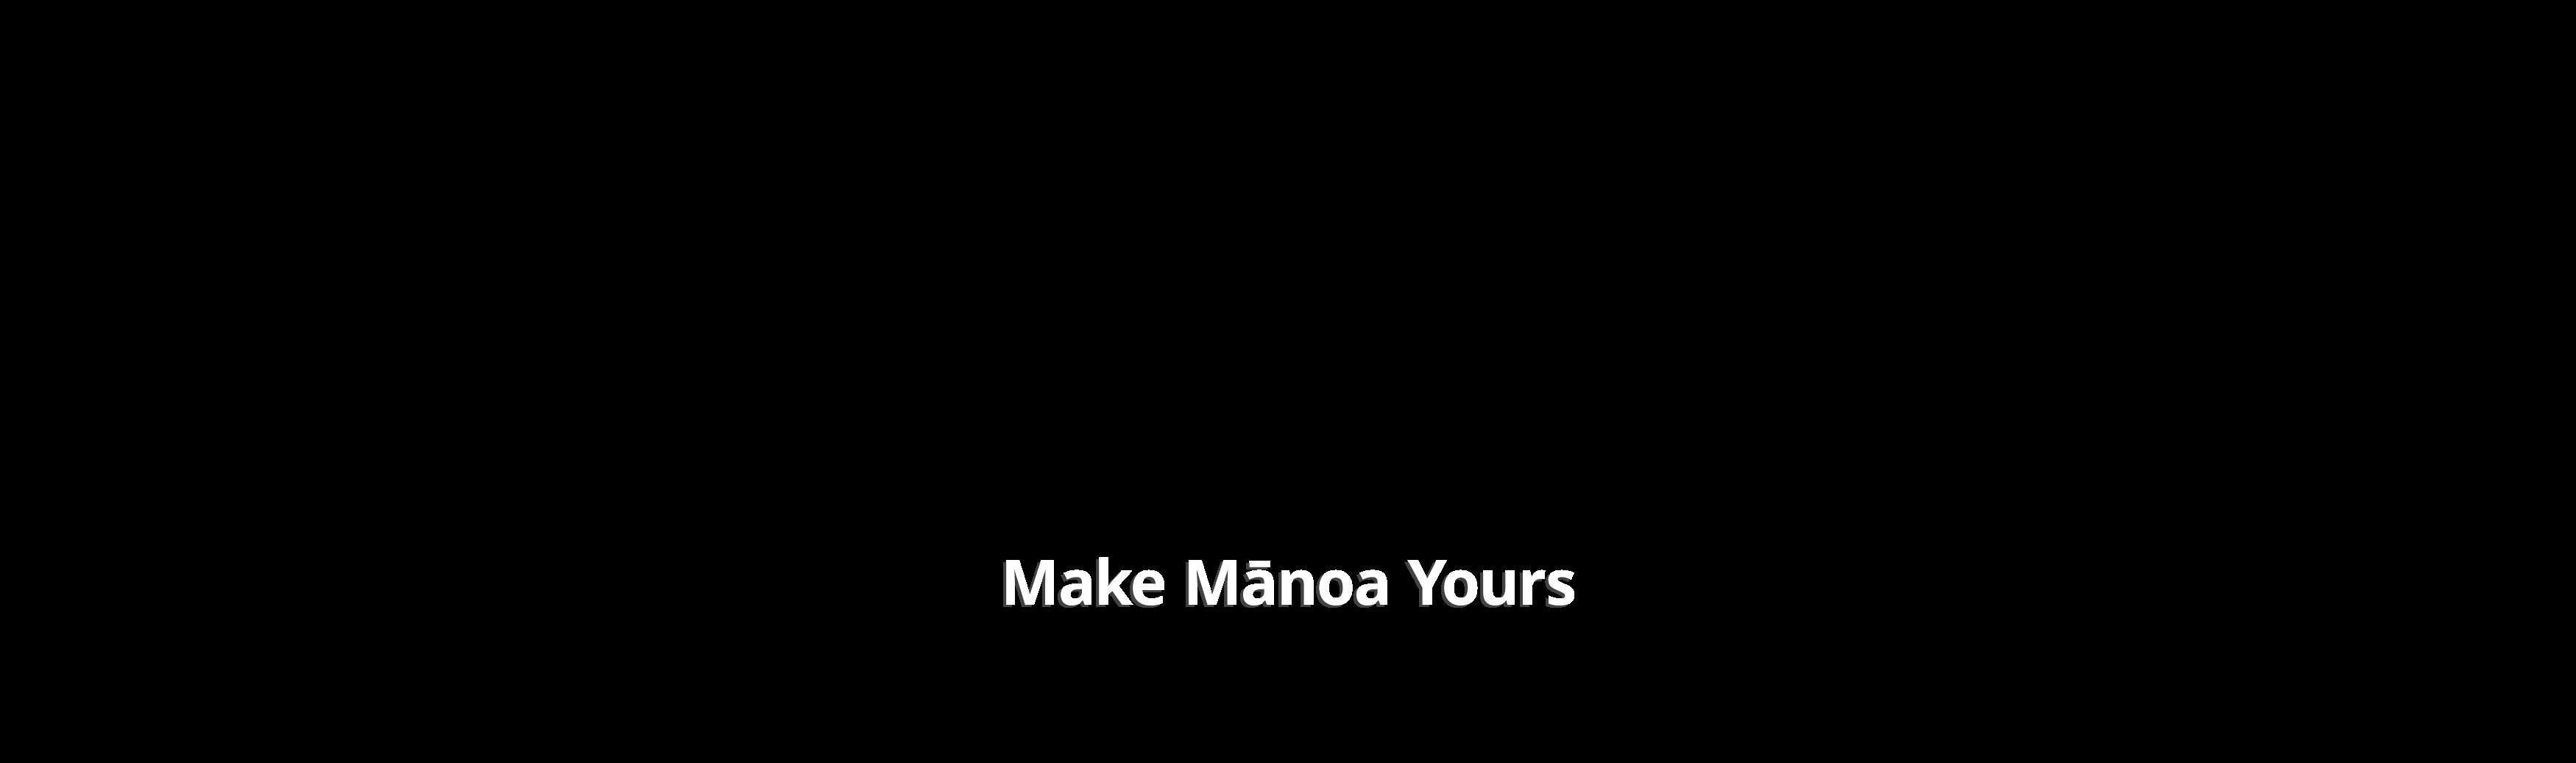 Make Mānoa Yours